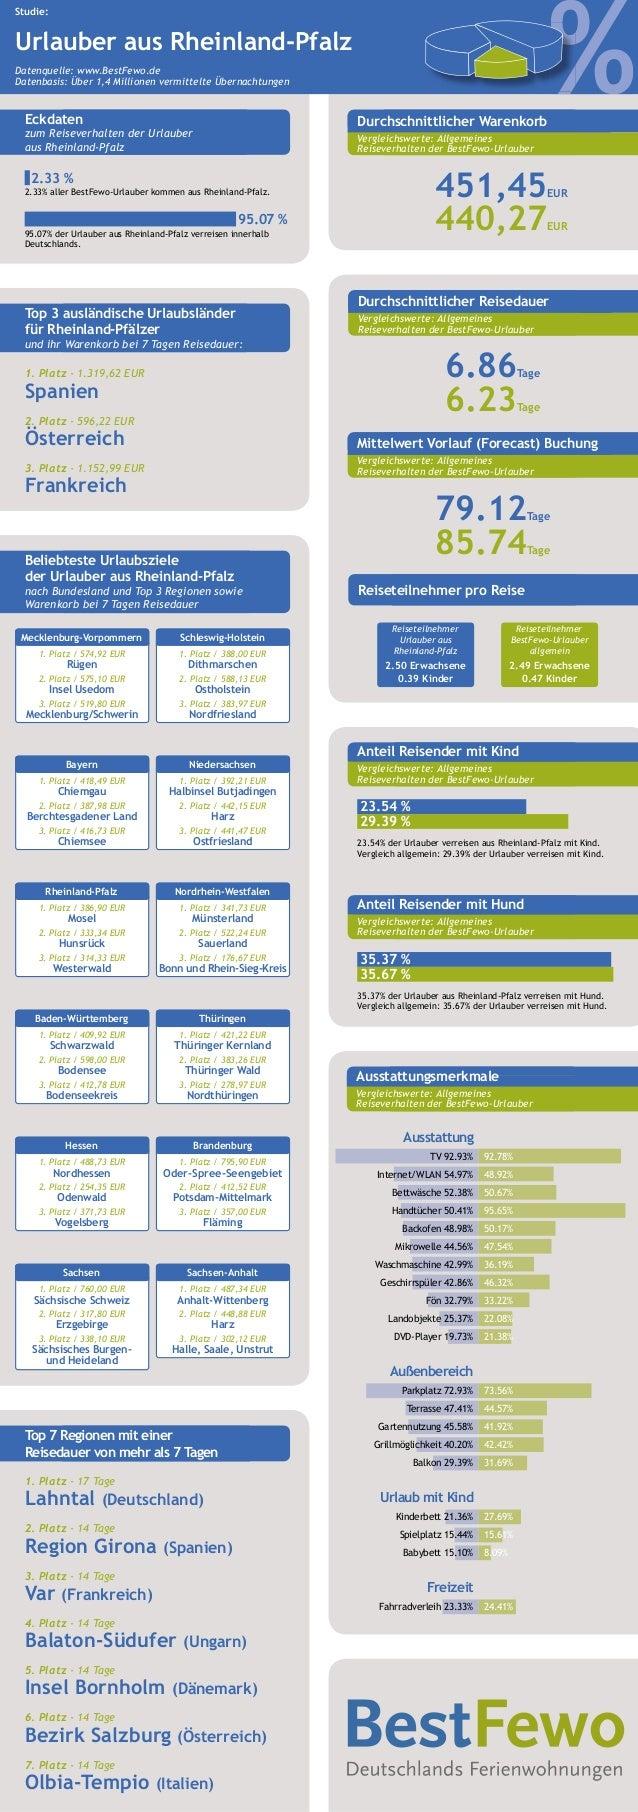 %%% Studie: Urlauber aus Rheinland-Pfalz Datenquelle: www.BestFewo.de Datenbasis: Über 1,4 Millionen vermittelte Übernacht...